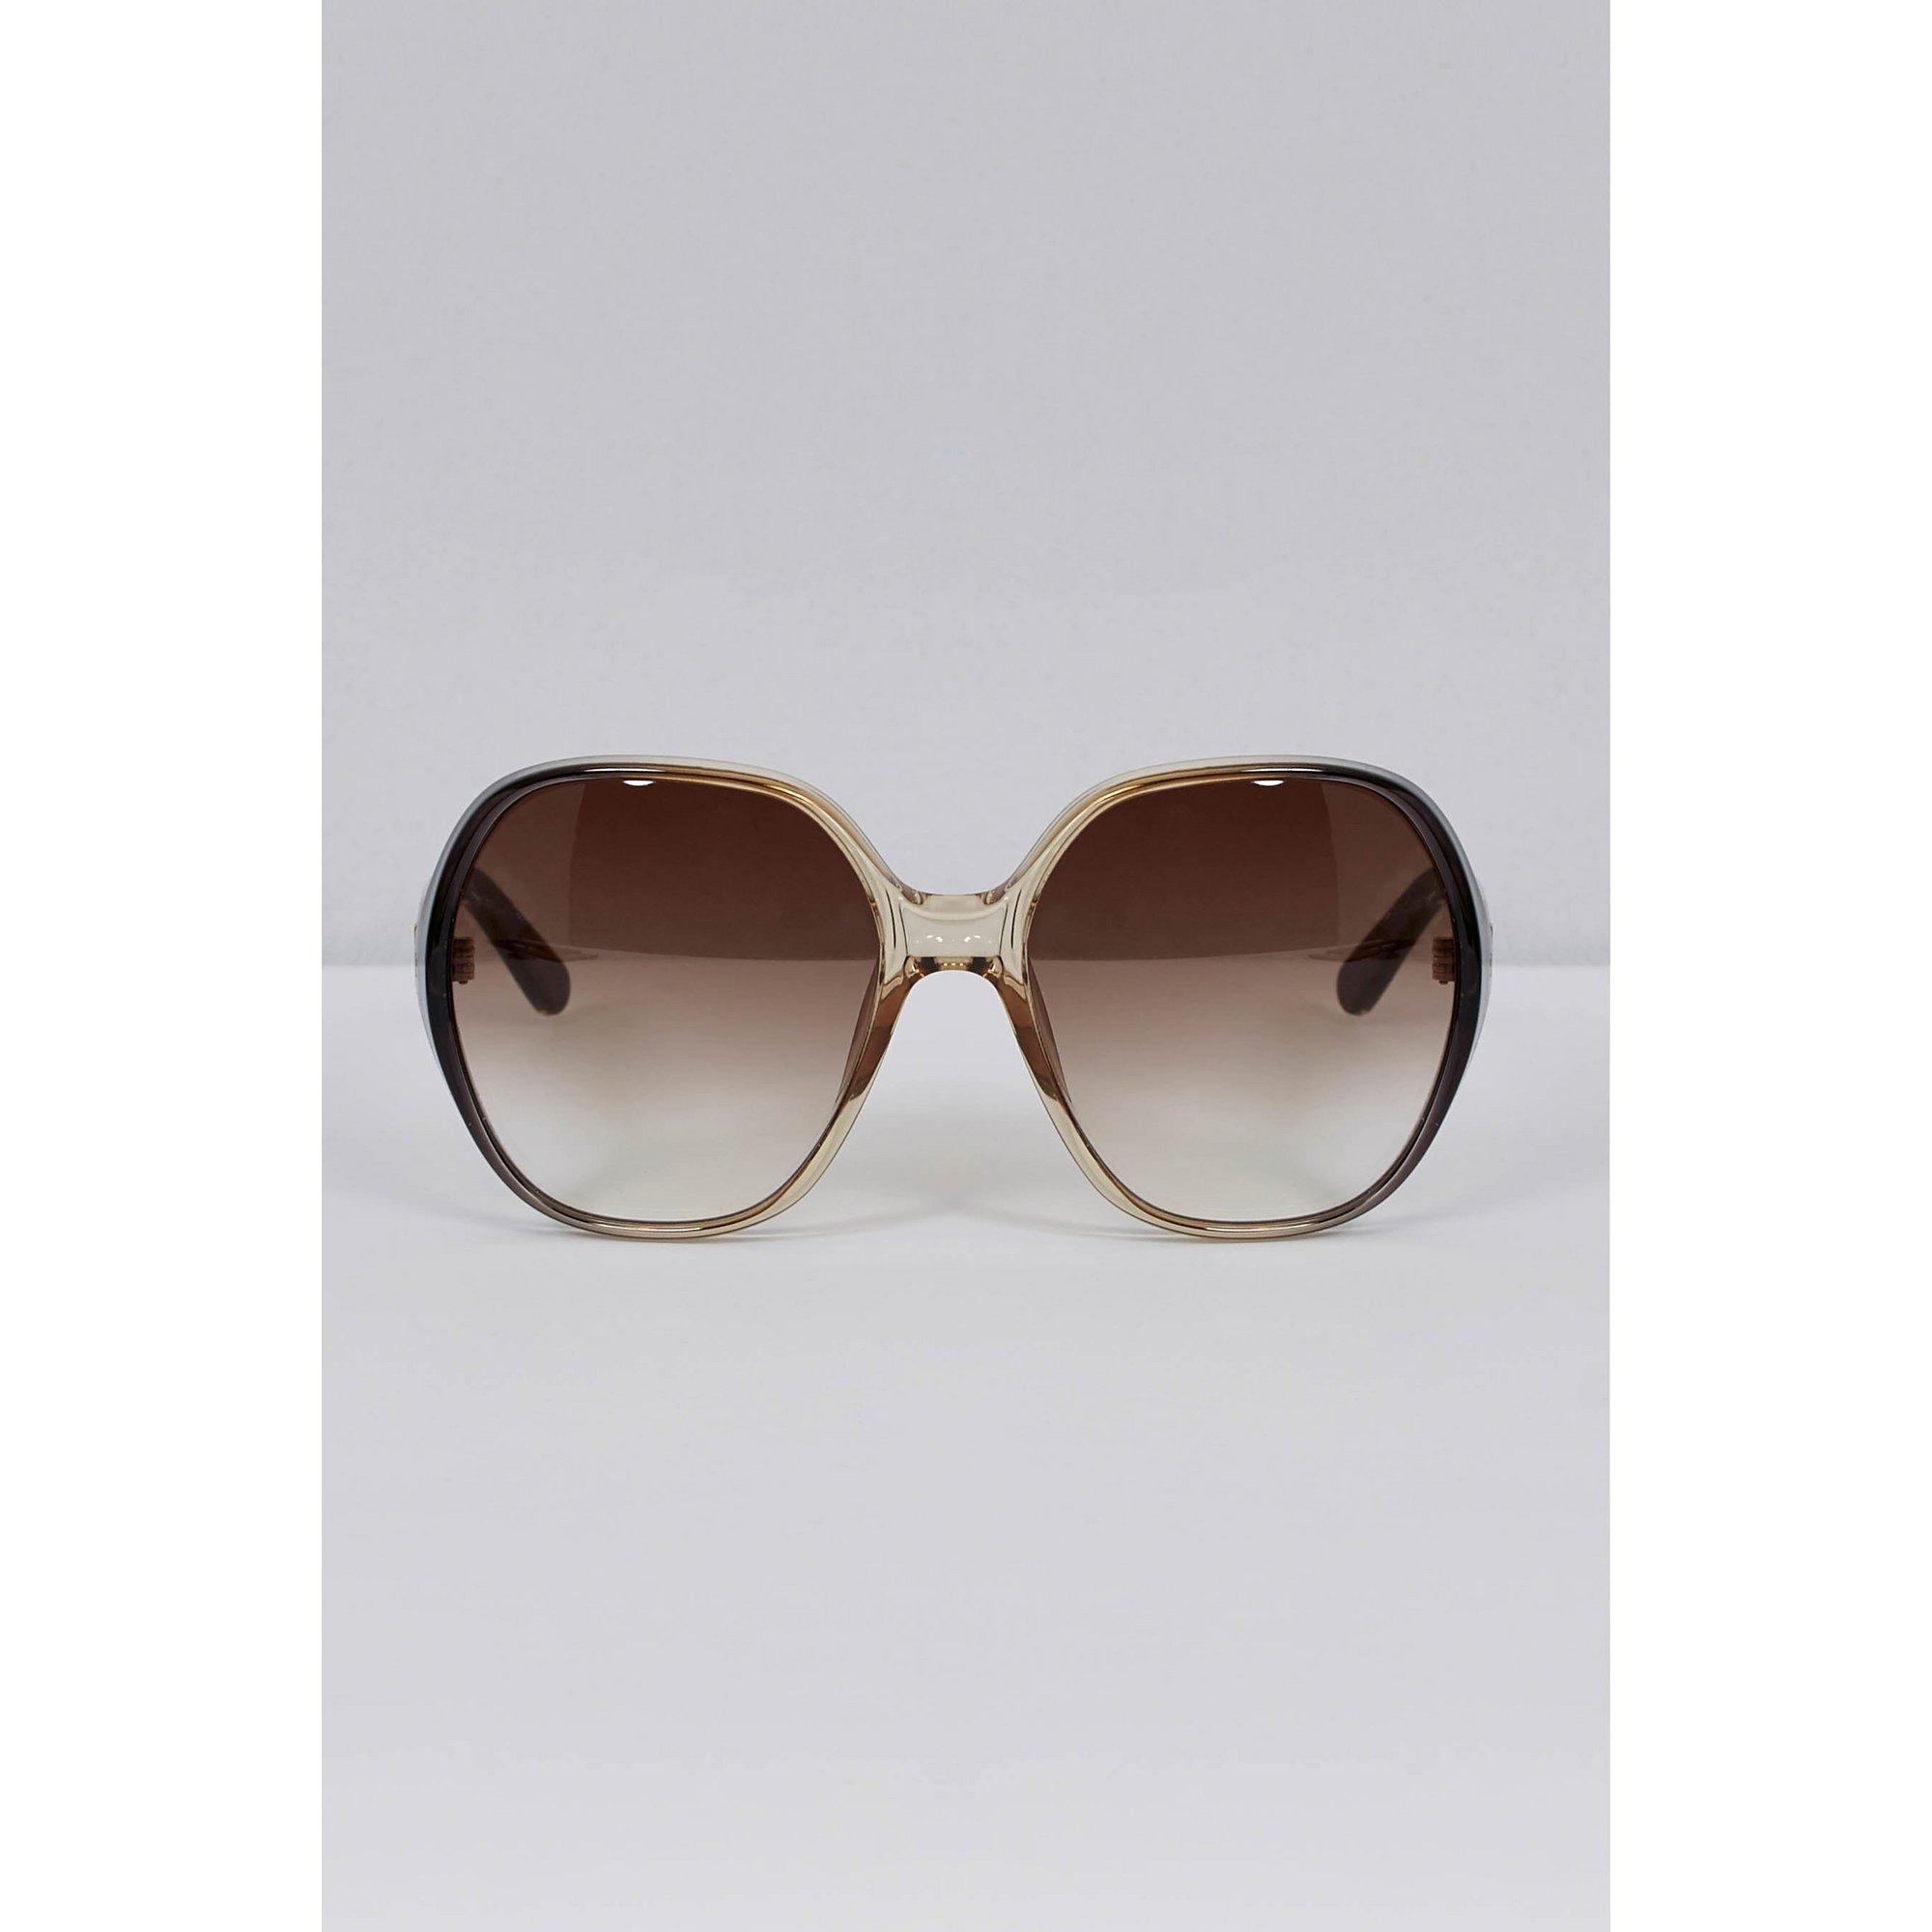 Image of Chloe Misha Black Oversized Sunglasses